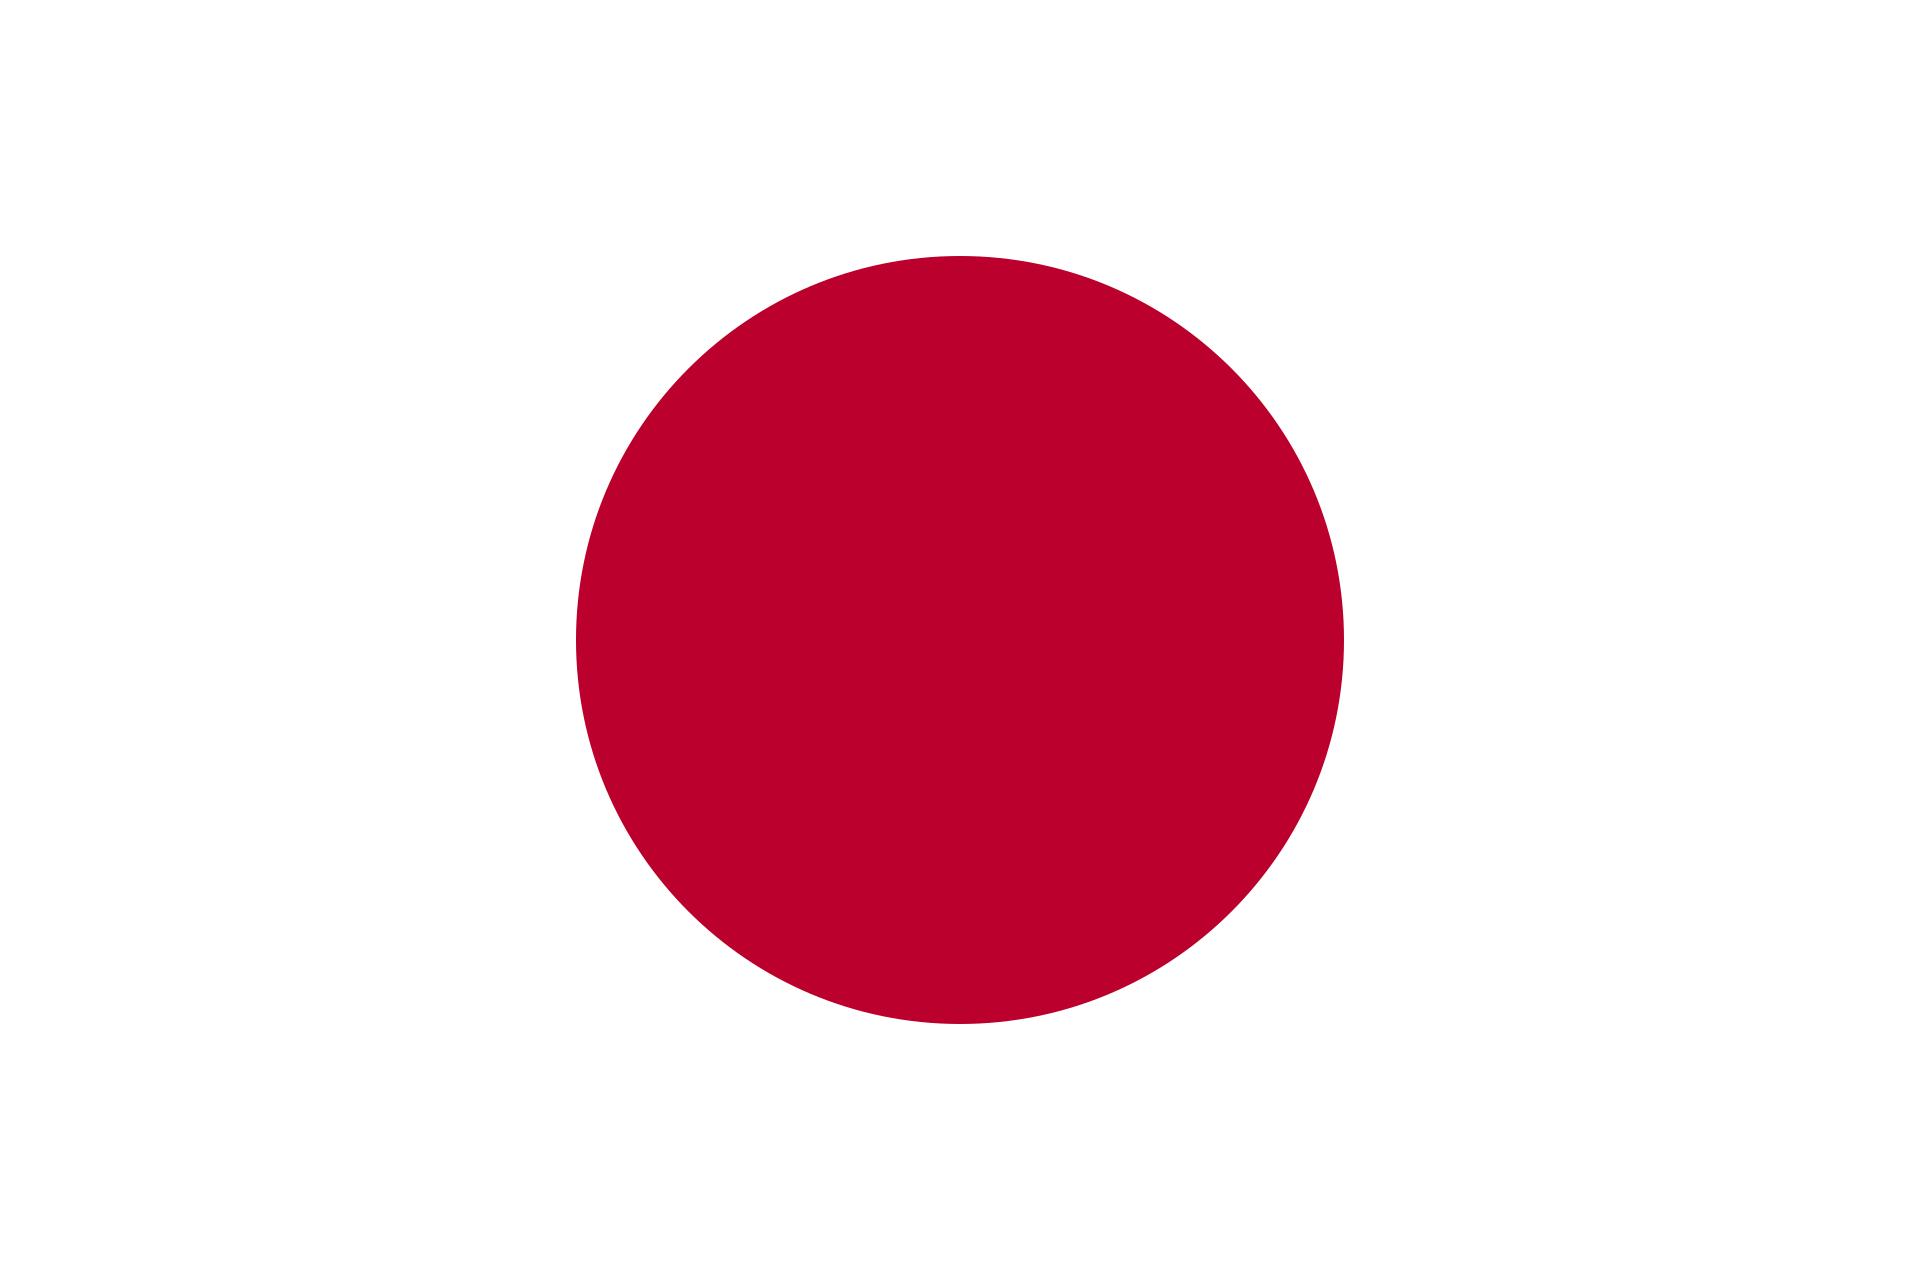 Quốc kỳ Nhật Bản